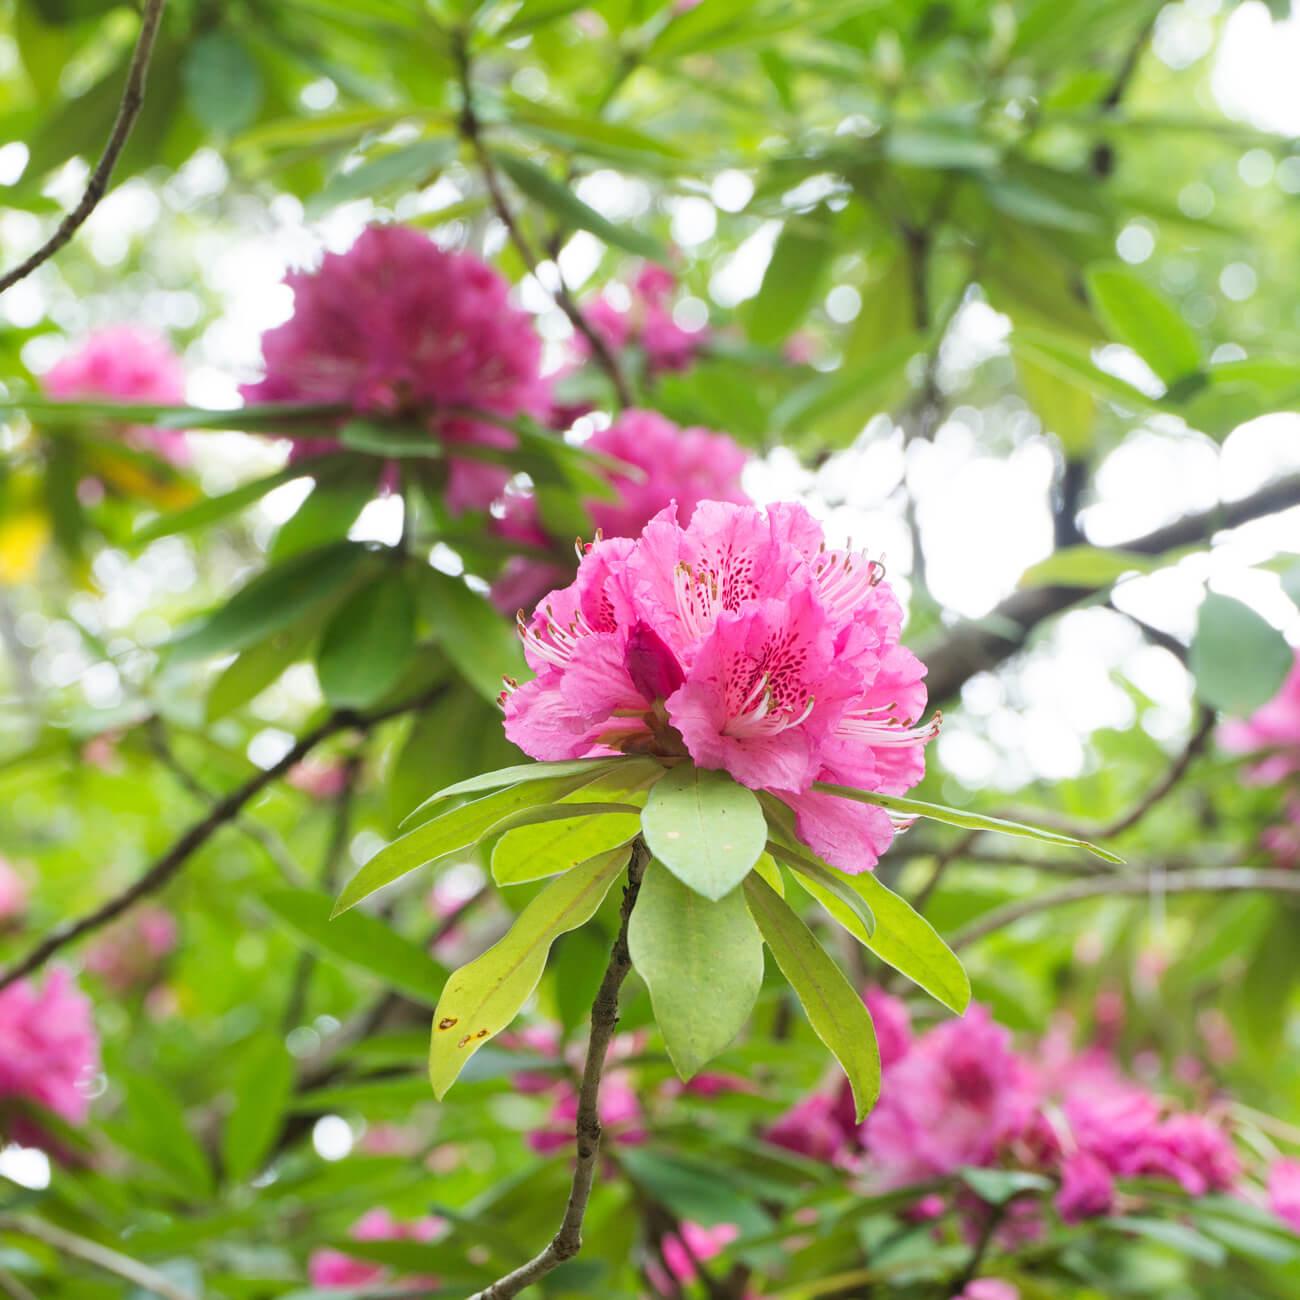 屋久島のシャクナゲ 木漏れ日 屋久島花とジュエリー オーダーメイドマリッジリングのモチーフ